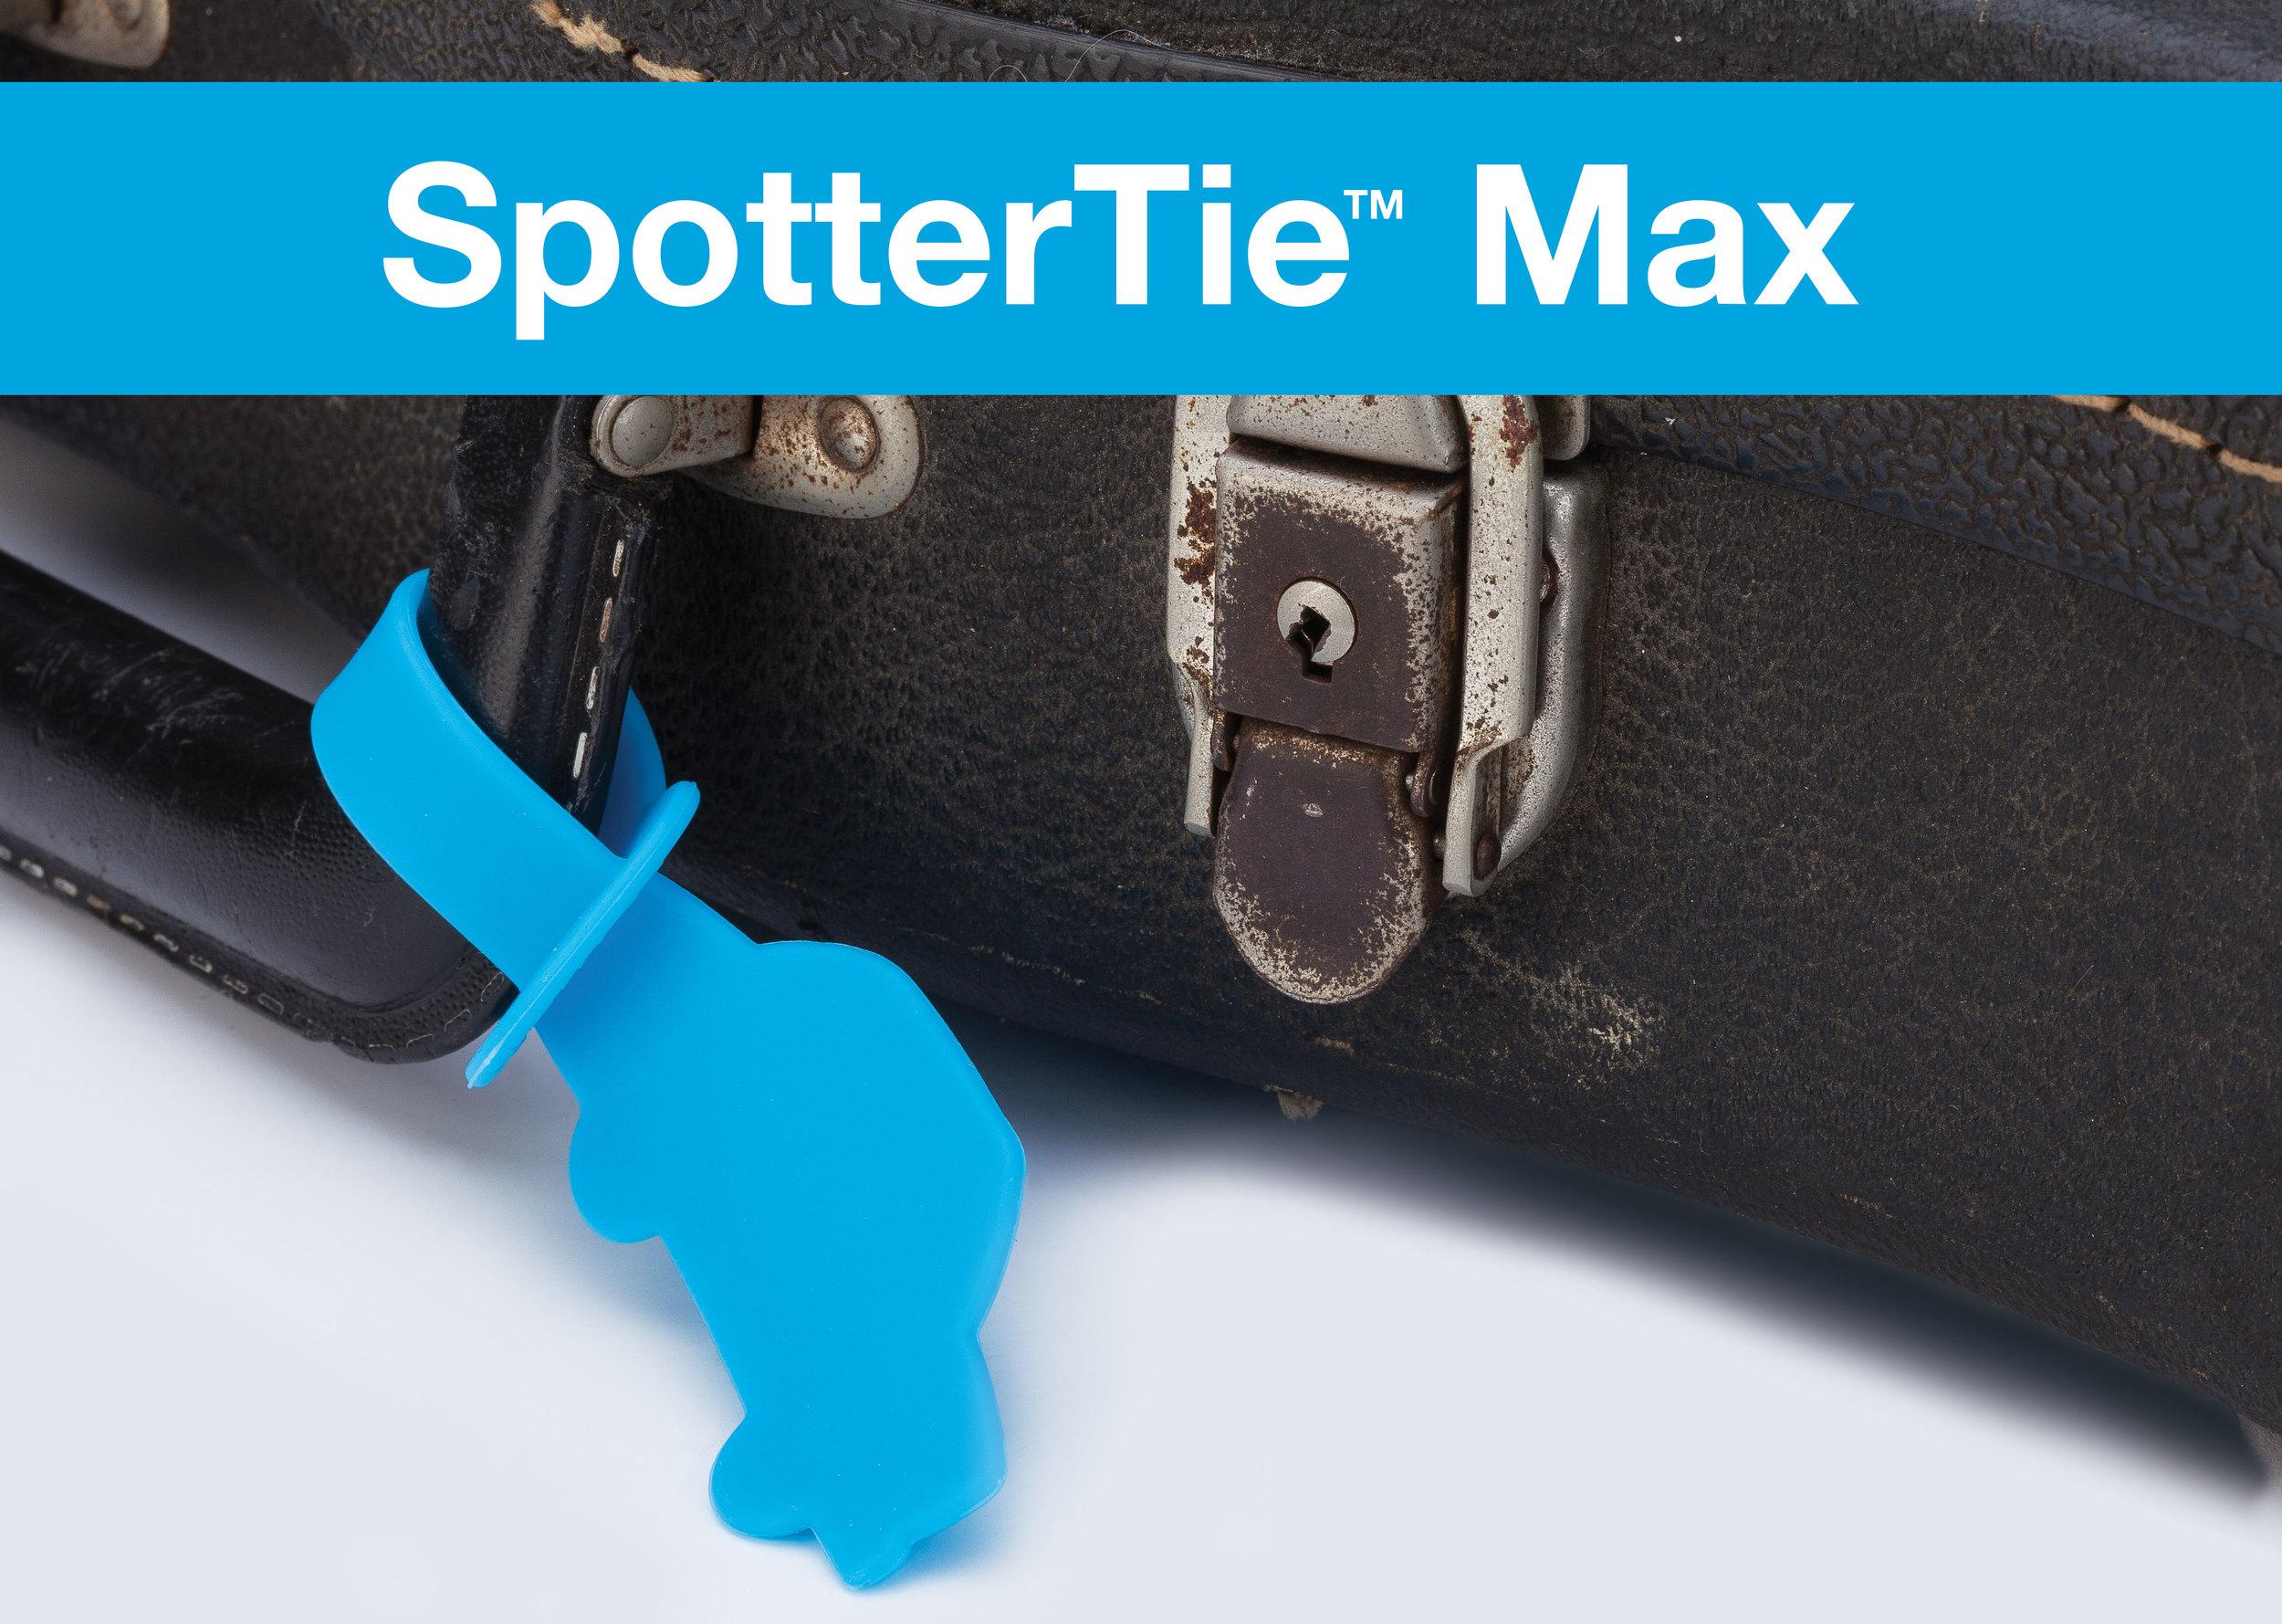 Spotter_Tie_Max.jpg